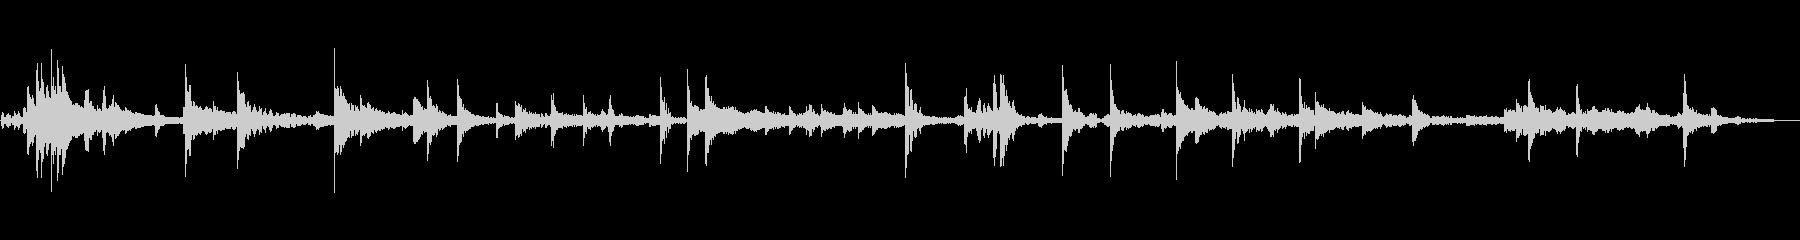 ランダムノートベルの未再生の波形